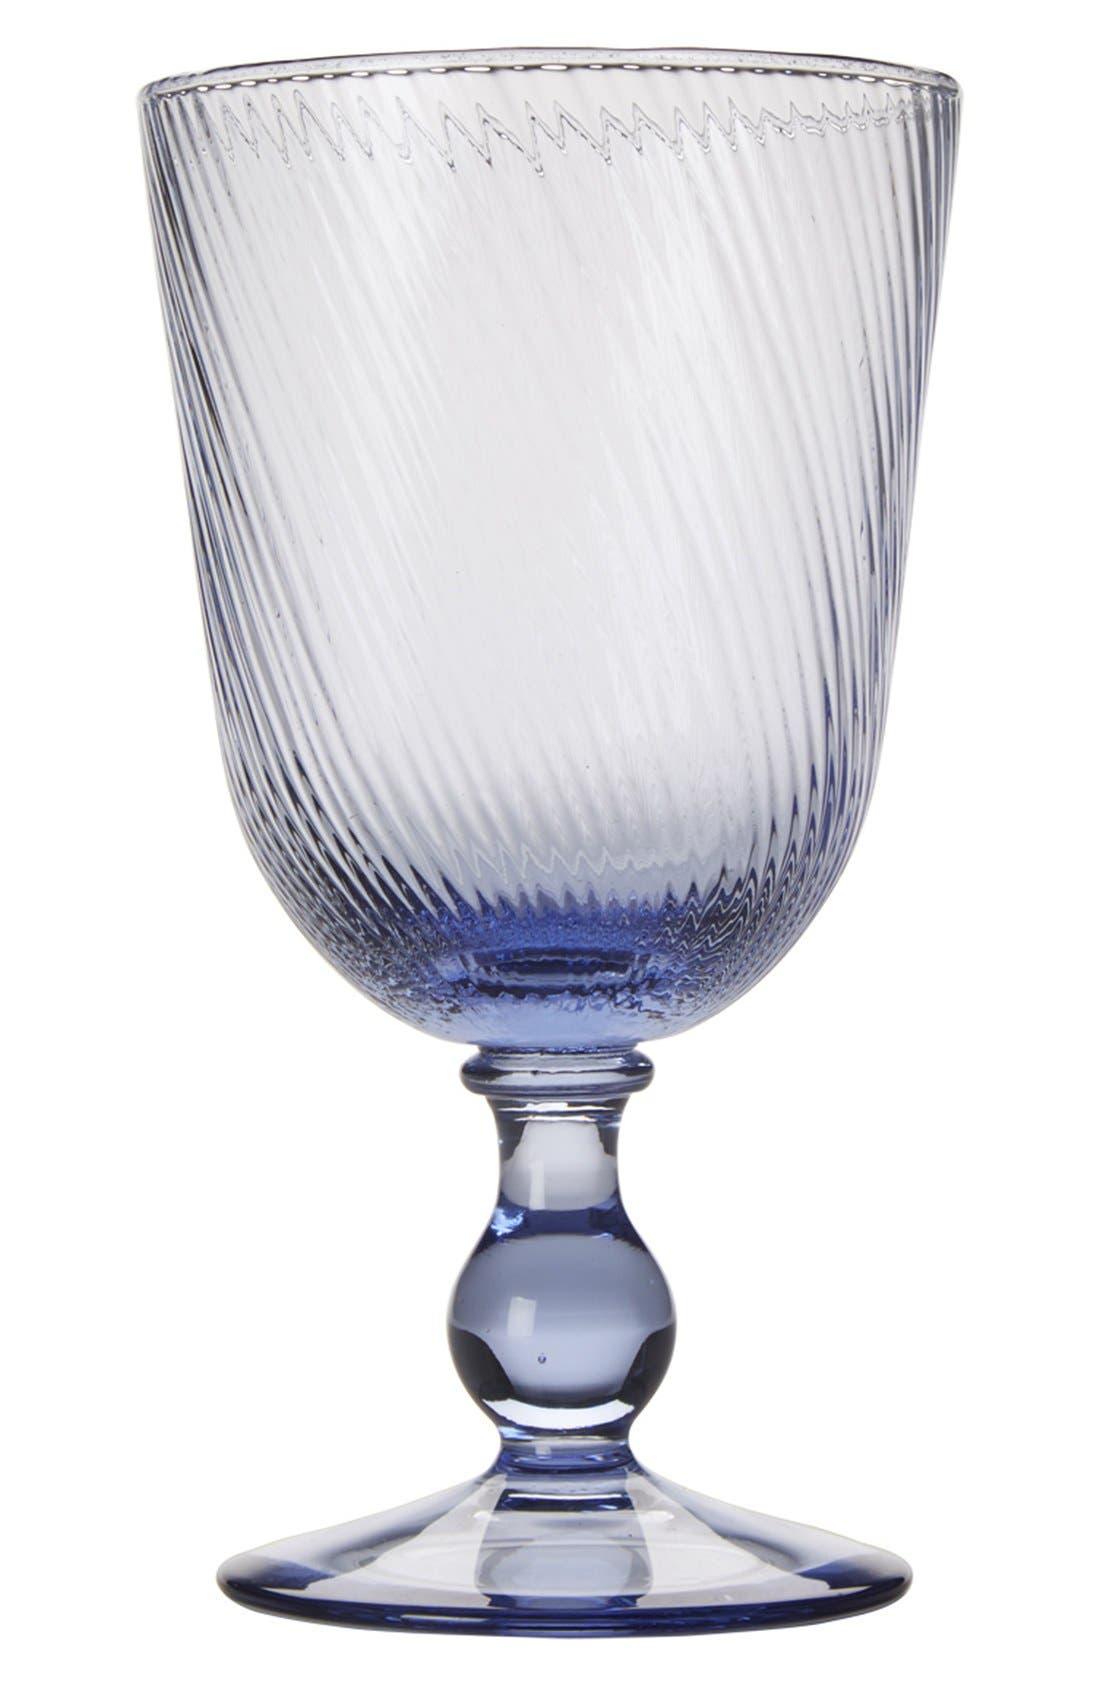 Alternate Image 1 Selected - Juliska 'Arabella' Blue Glass Goblet